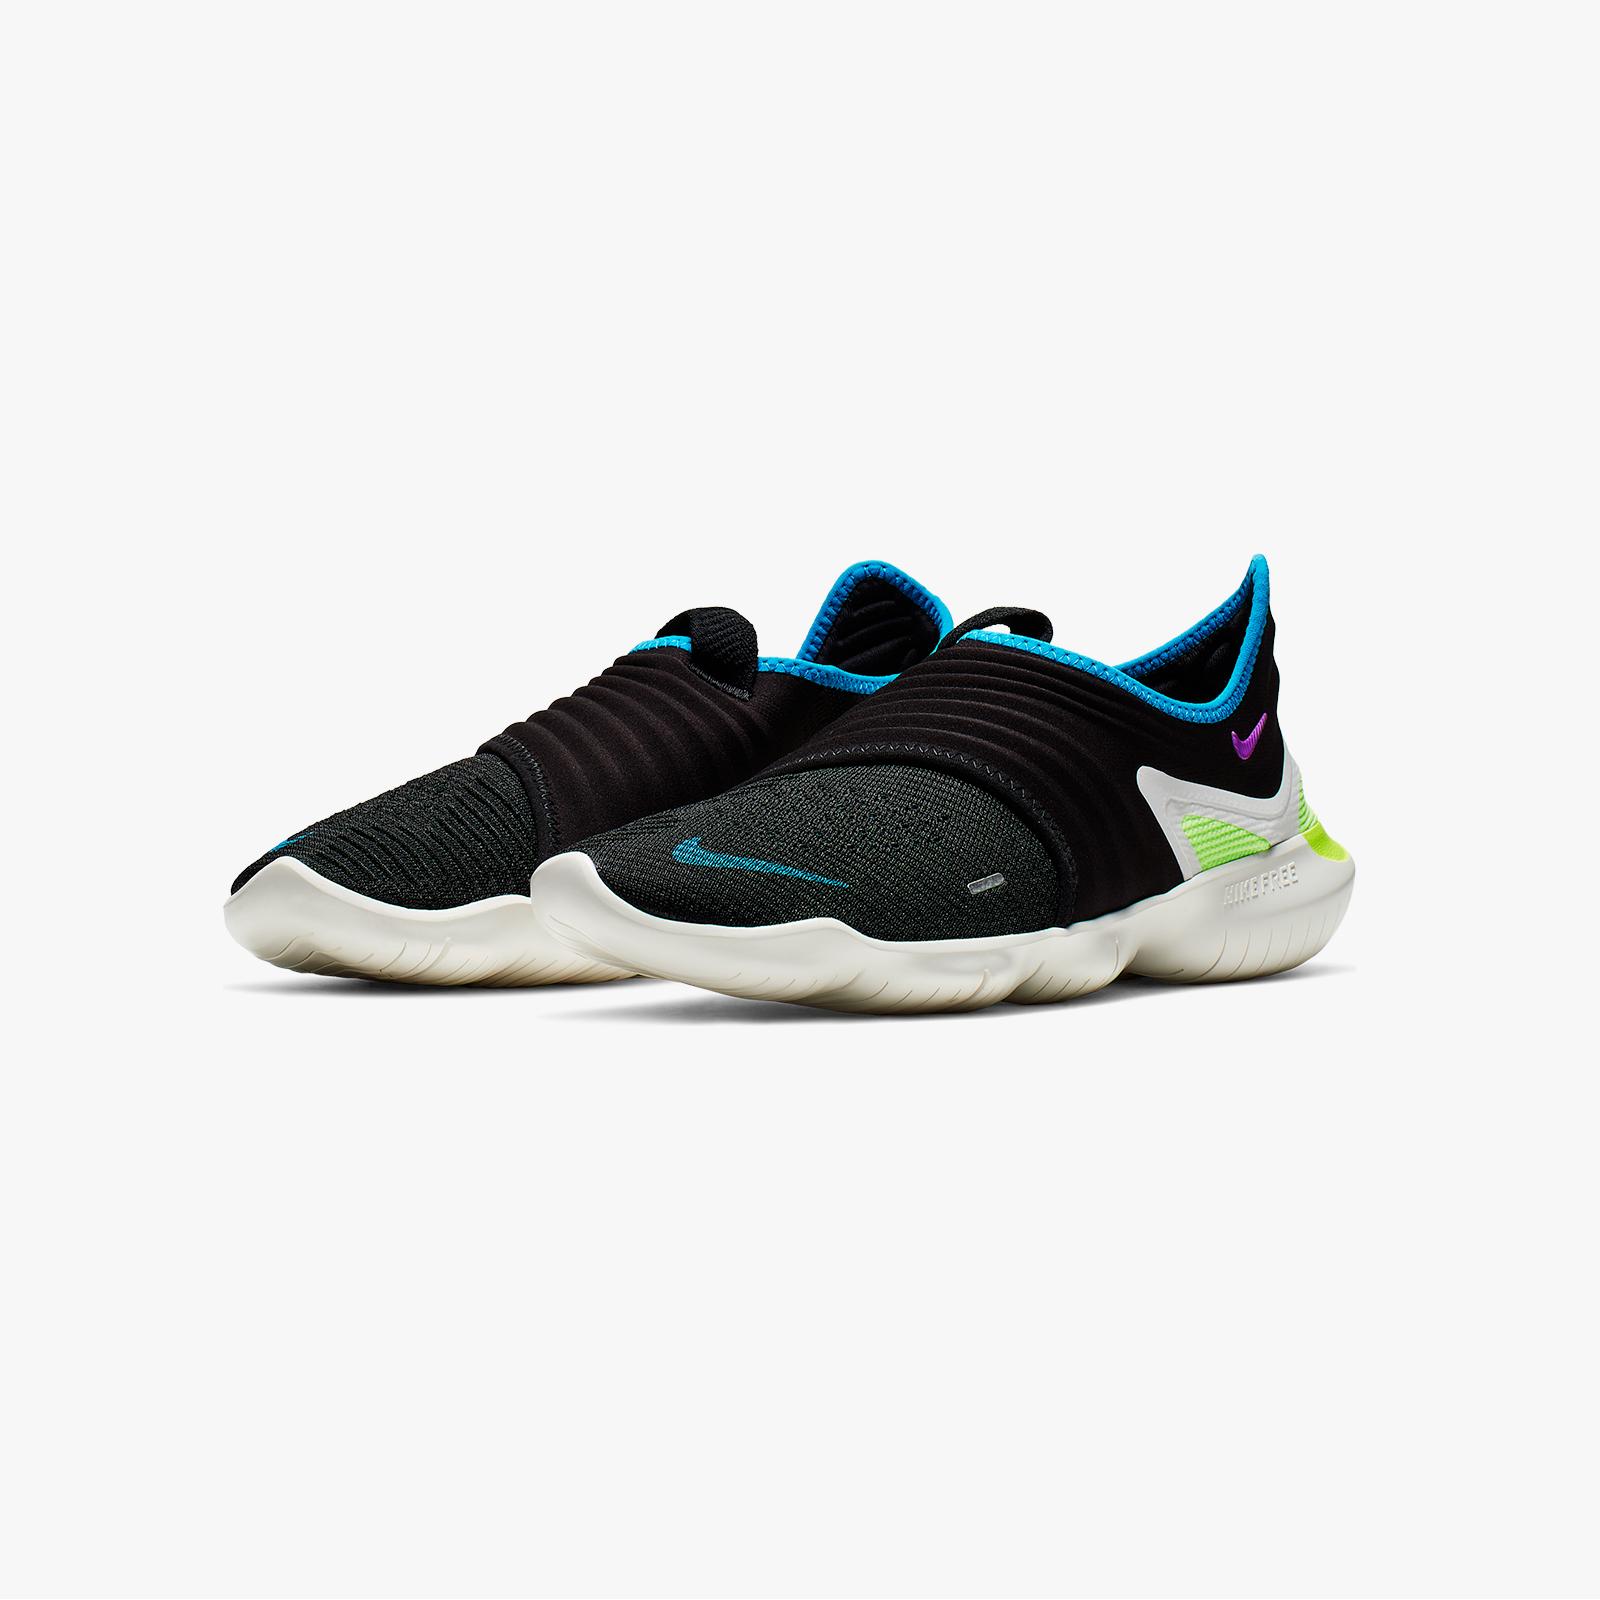 brand new 05a99 4d701 Nike Free RN Flyknit 3.0 - Aq5707-003 - Sneakersnstuff   sneakers    streetwear online since 1999